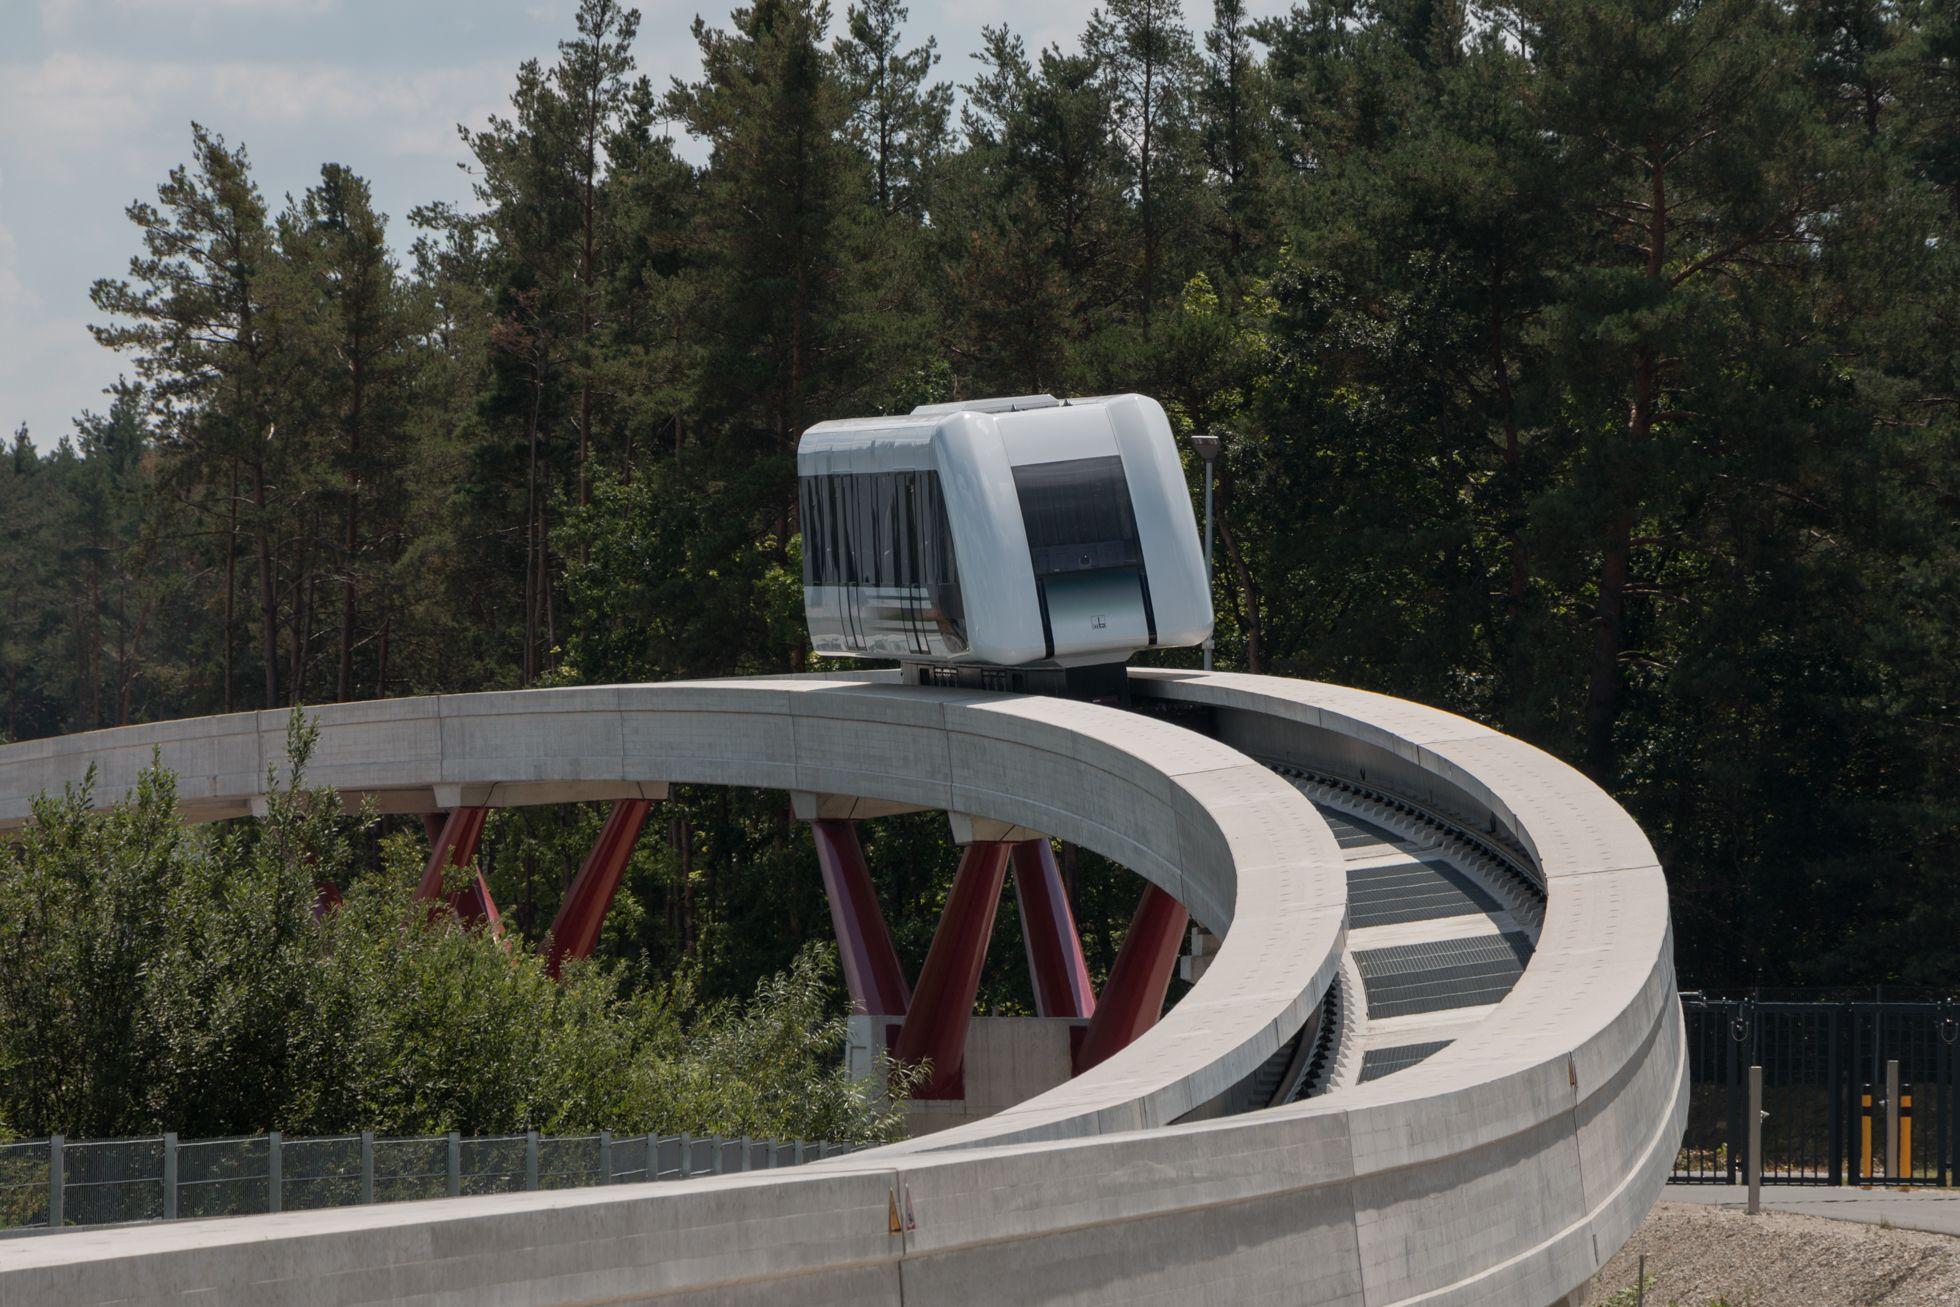 Transport System Bögl: Bundesregierung testet Magnetschwebebahn - Die Strecke ist darauf ausgelegt, die Grenzen des Systems auszuloten. (Bild: Werner Pluta/Golem.de)